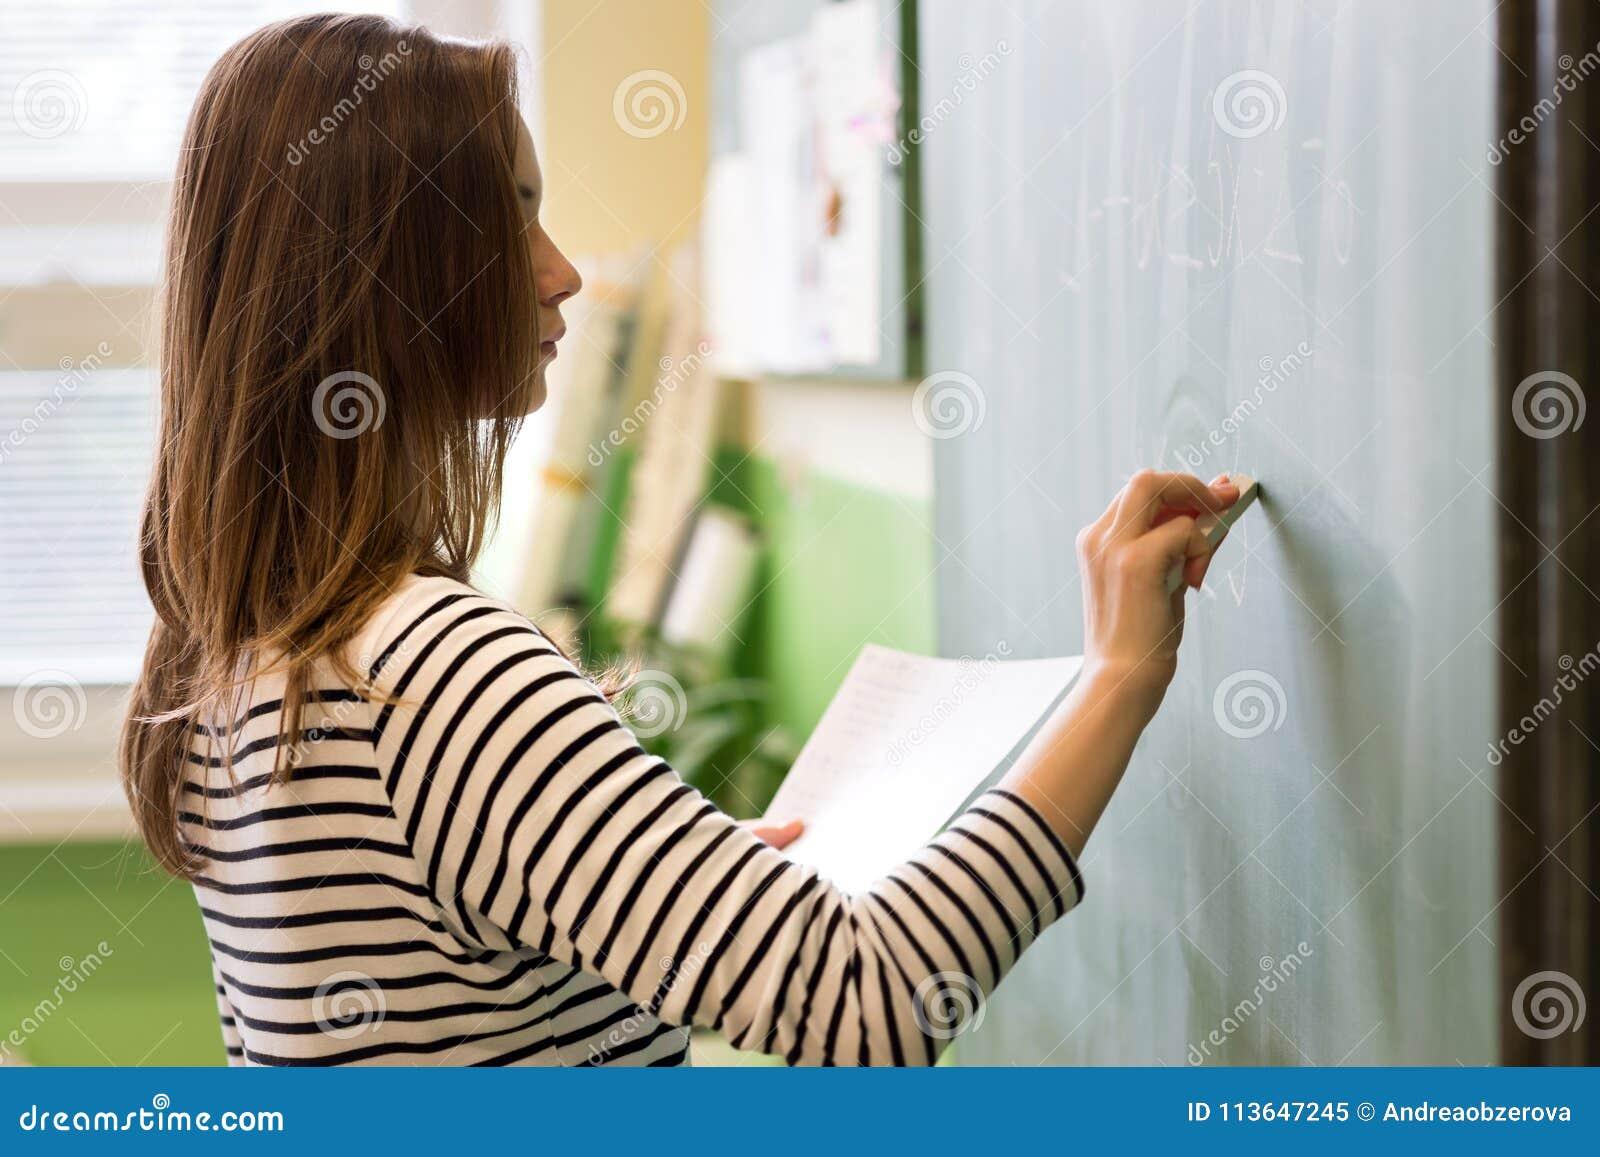 Młody żeński nauczyciel lub studencka writing matematyki formuła na blackboard